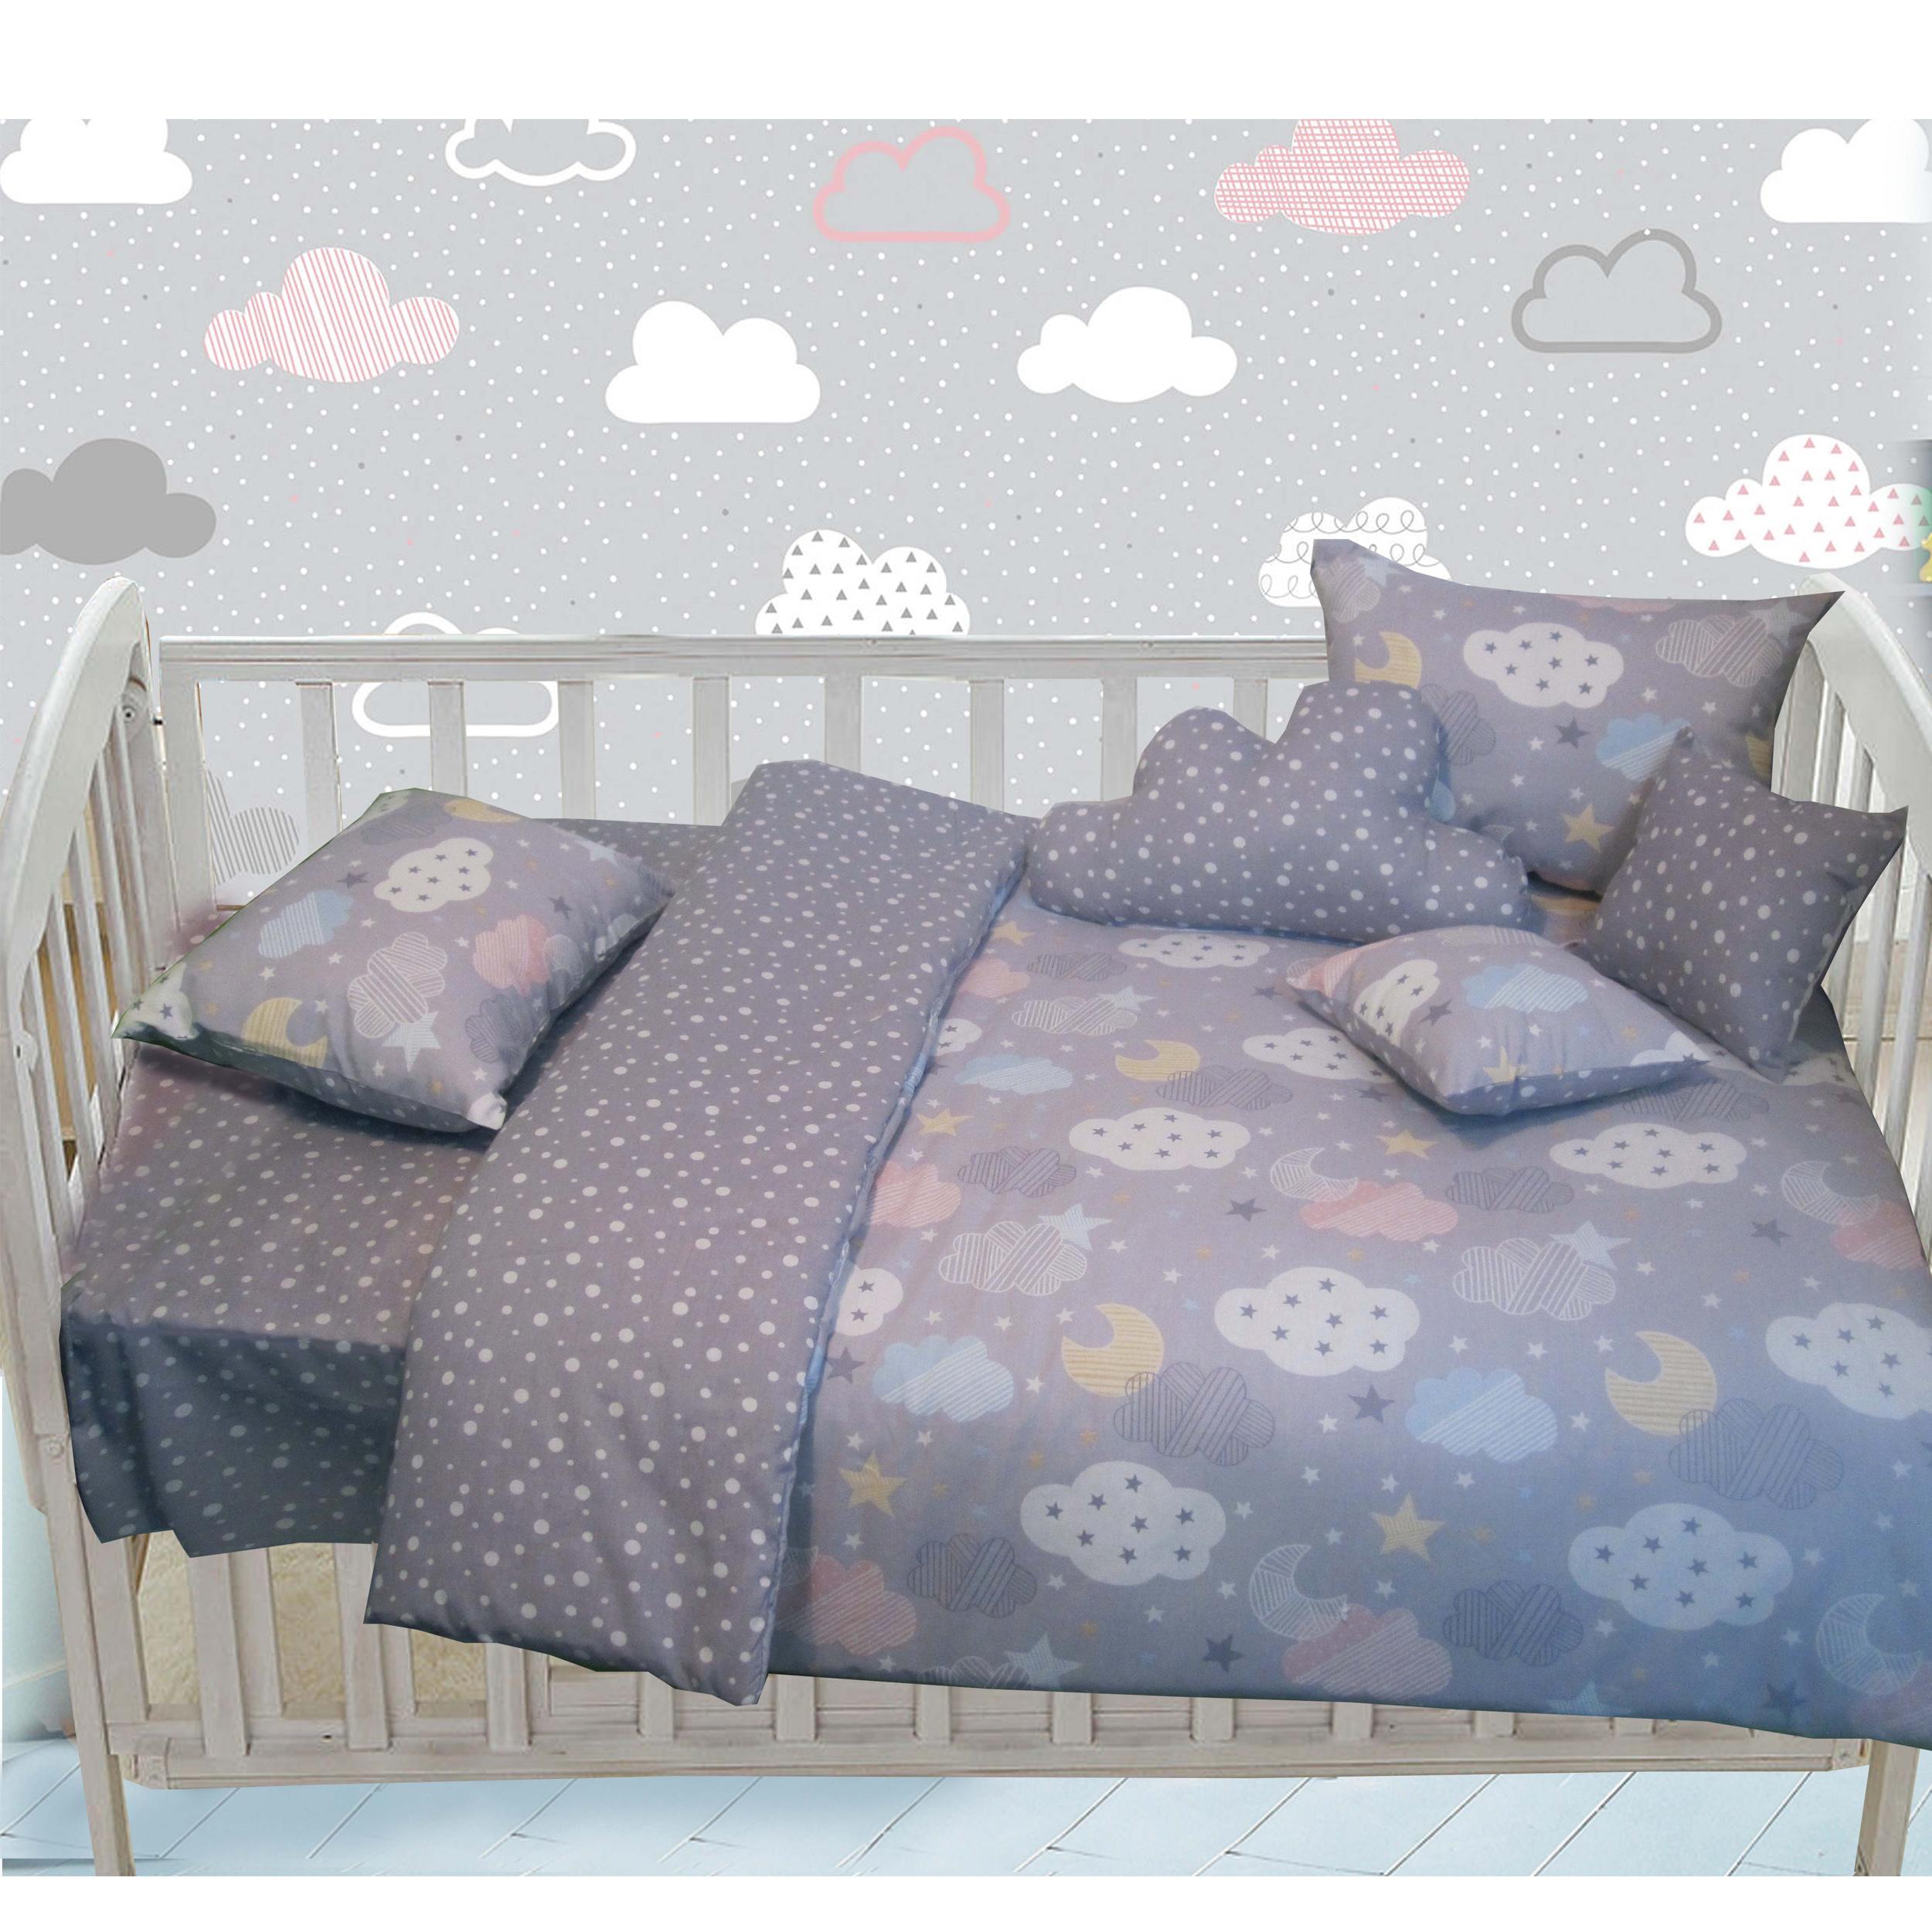 سرویس 5 تکه خواب کودک مدل Cloud